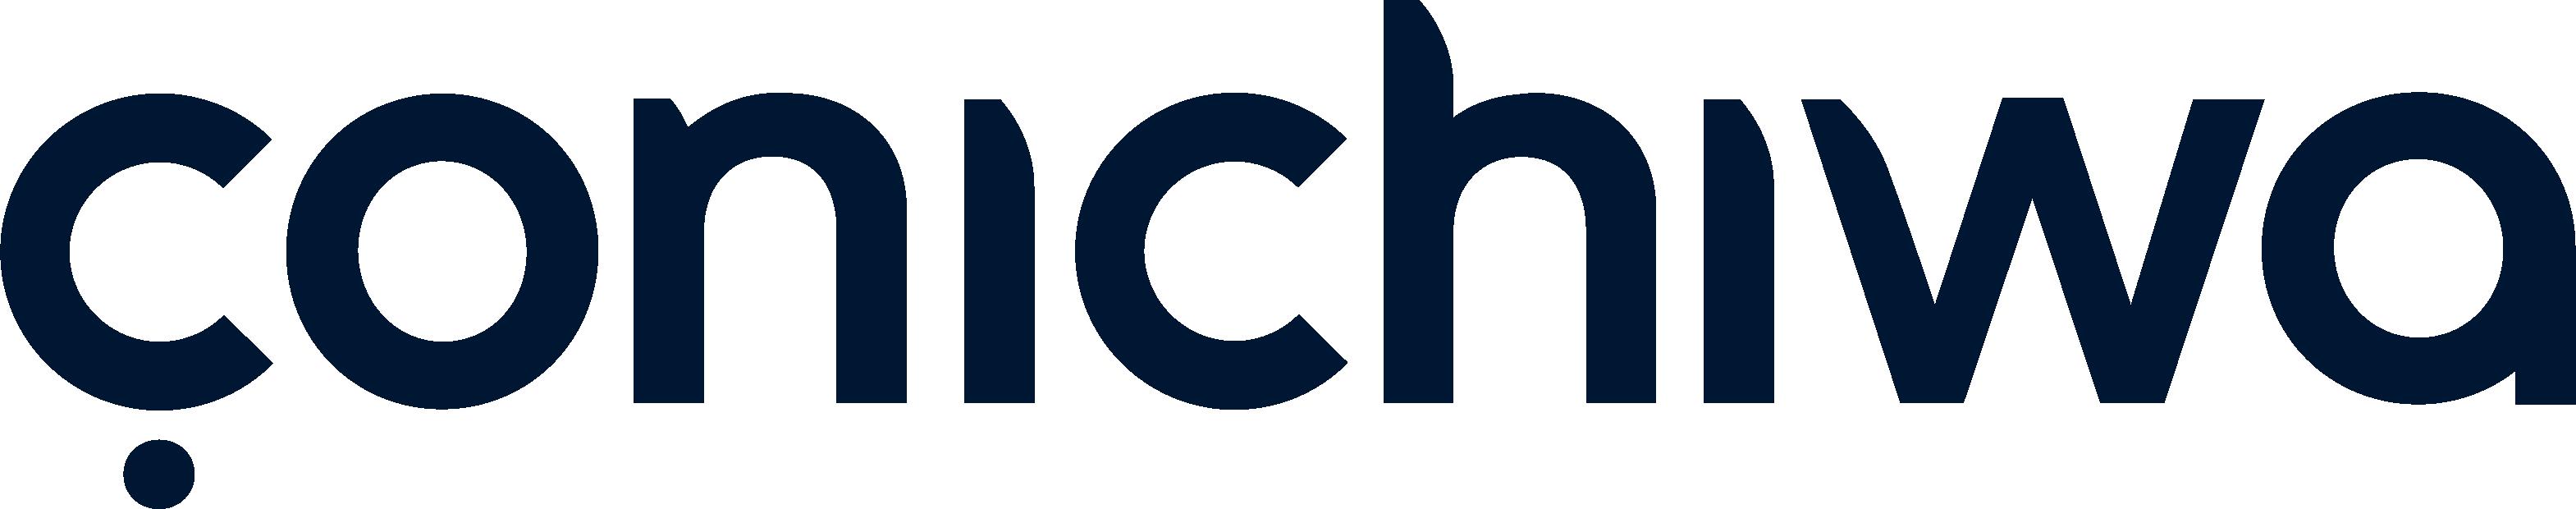 conichiwa